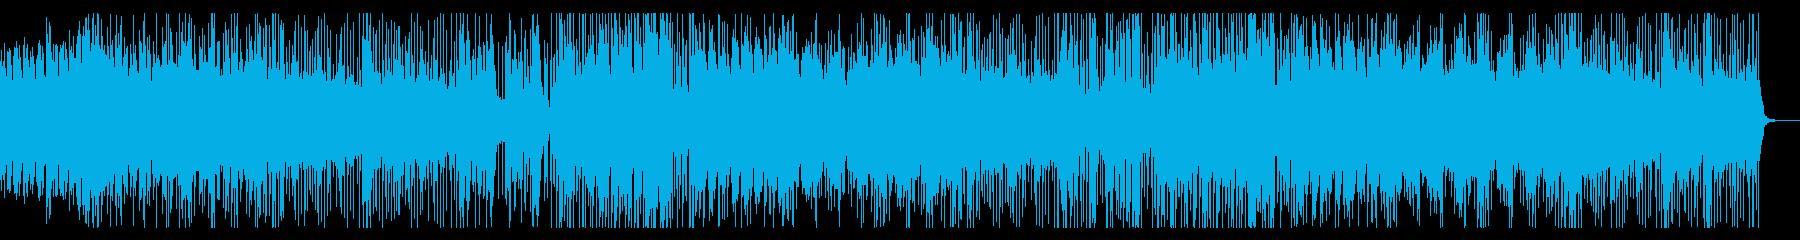 おしゃれなピアノとリズムのポップスの再生済みの波形